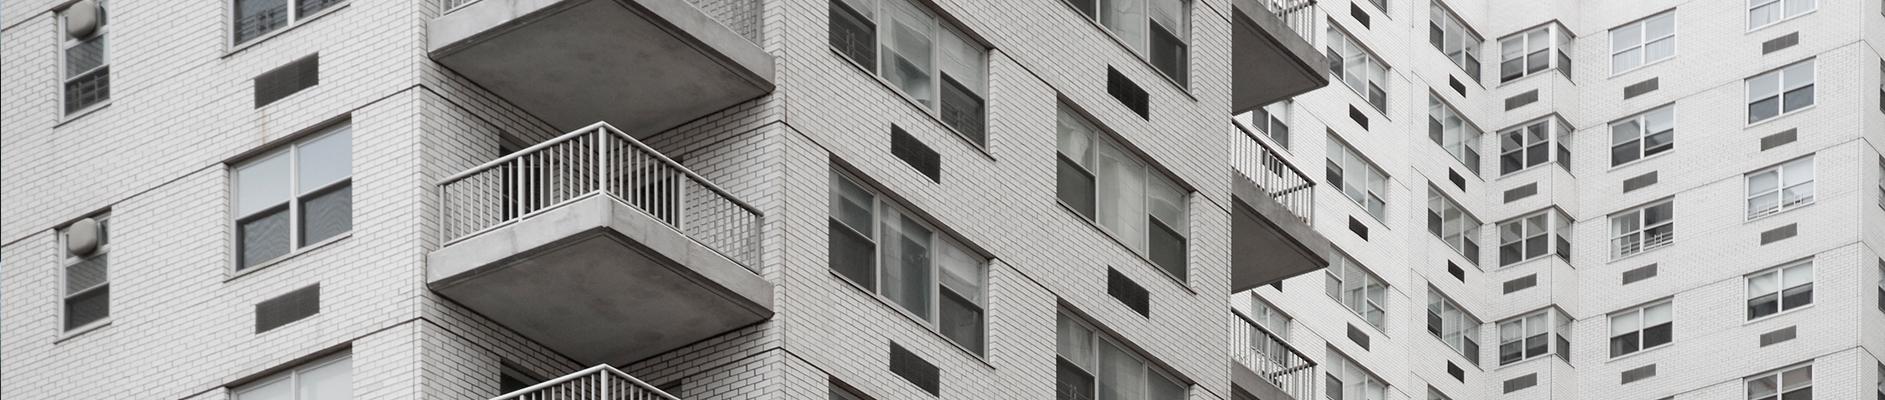 corsi aggiornamento amministratori di condominio